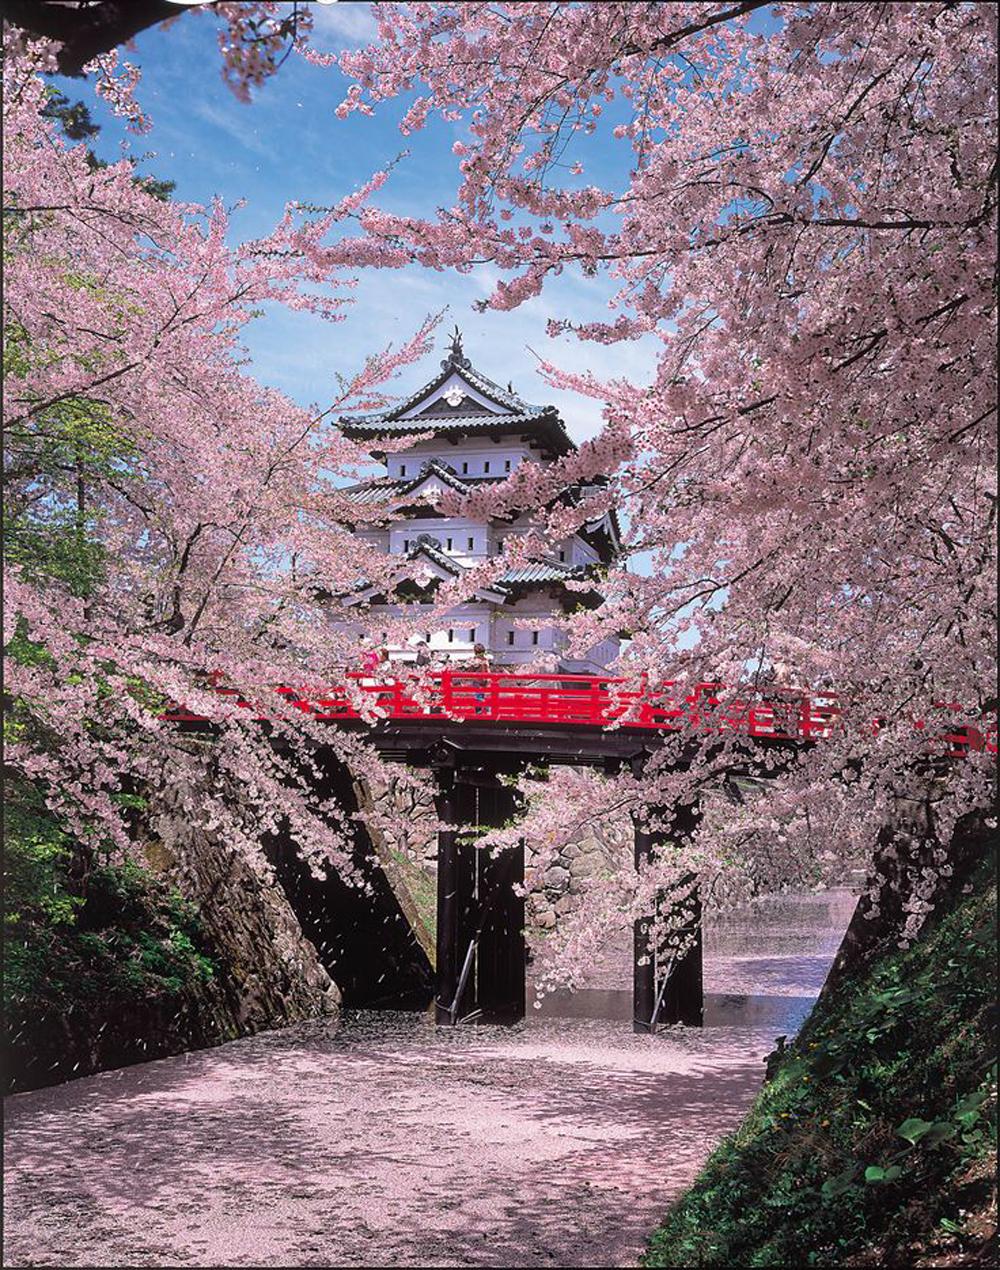 posti da vedere nel mondo | fioritura dei ciliegi in giappone